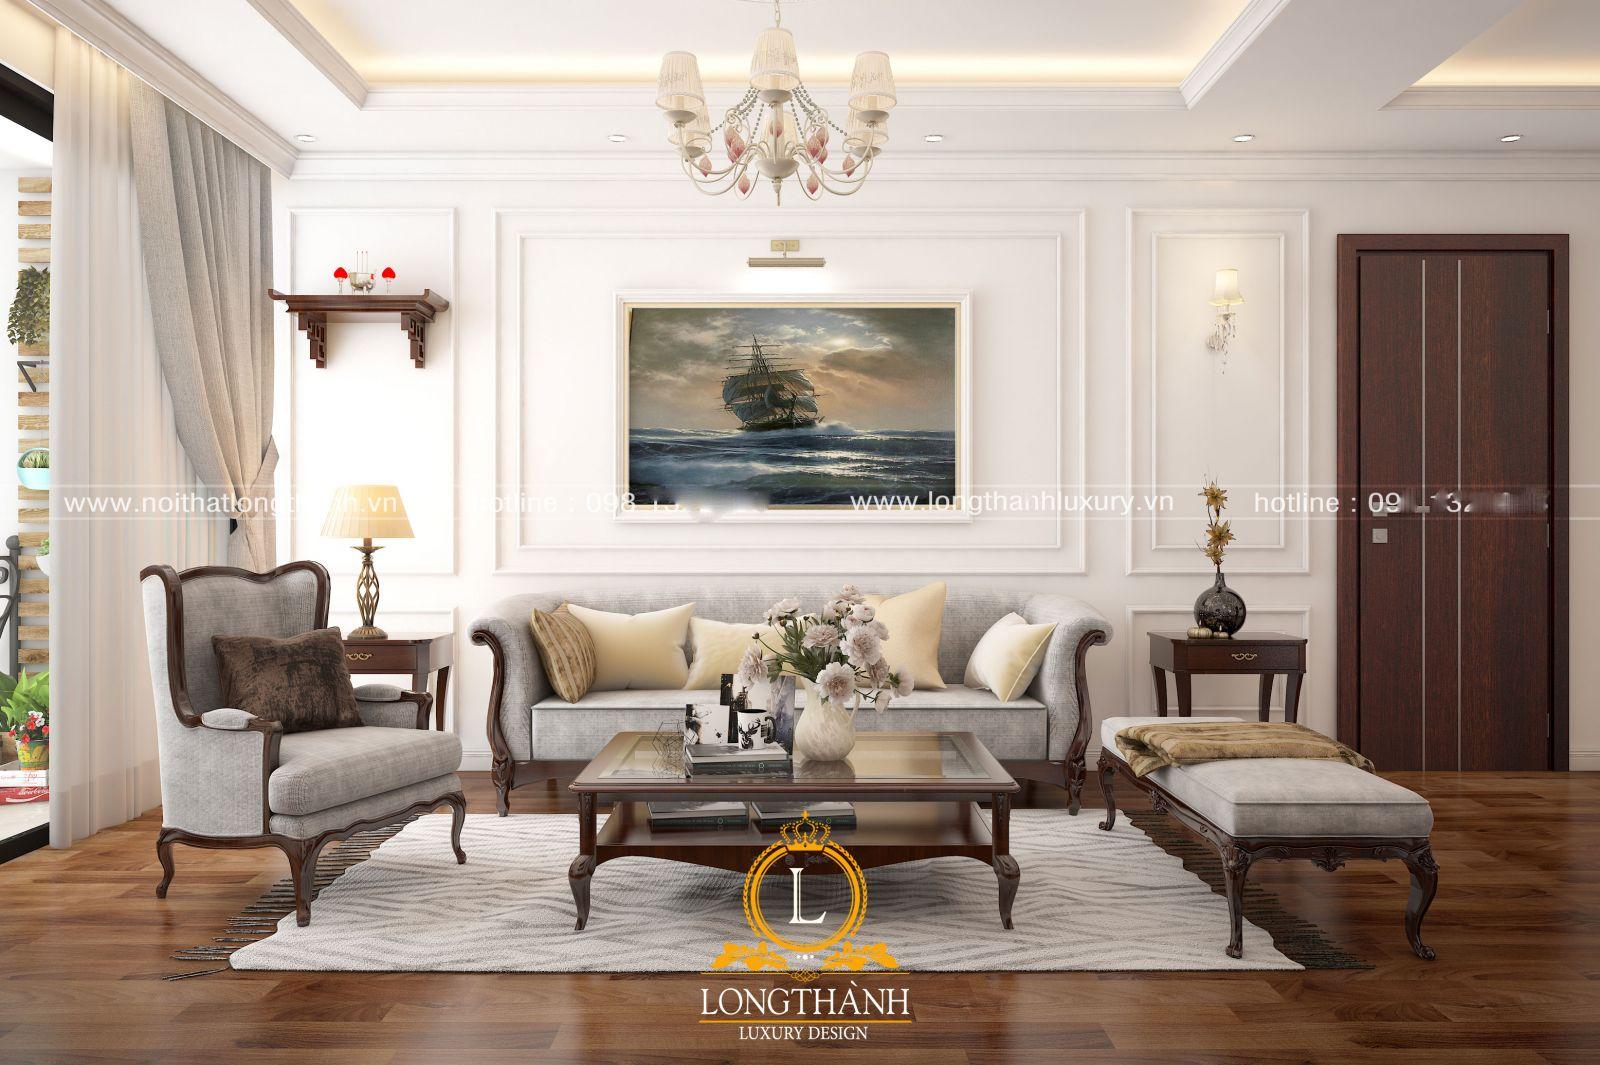 Sofa nhung có một số nhược điểm so với sofa da và sofa vải